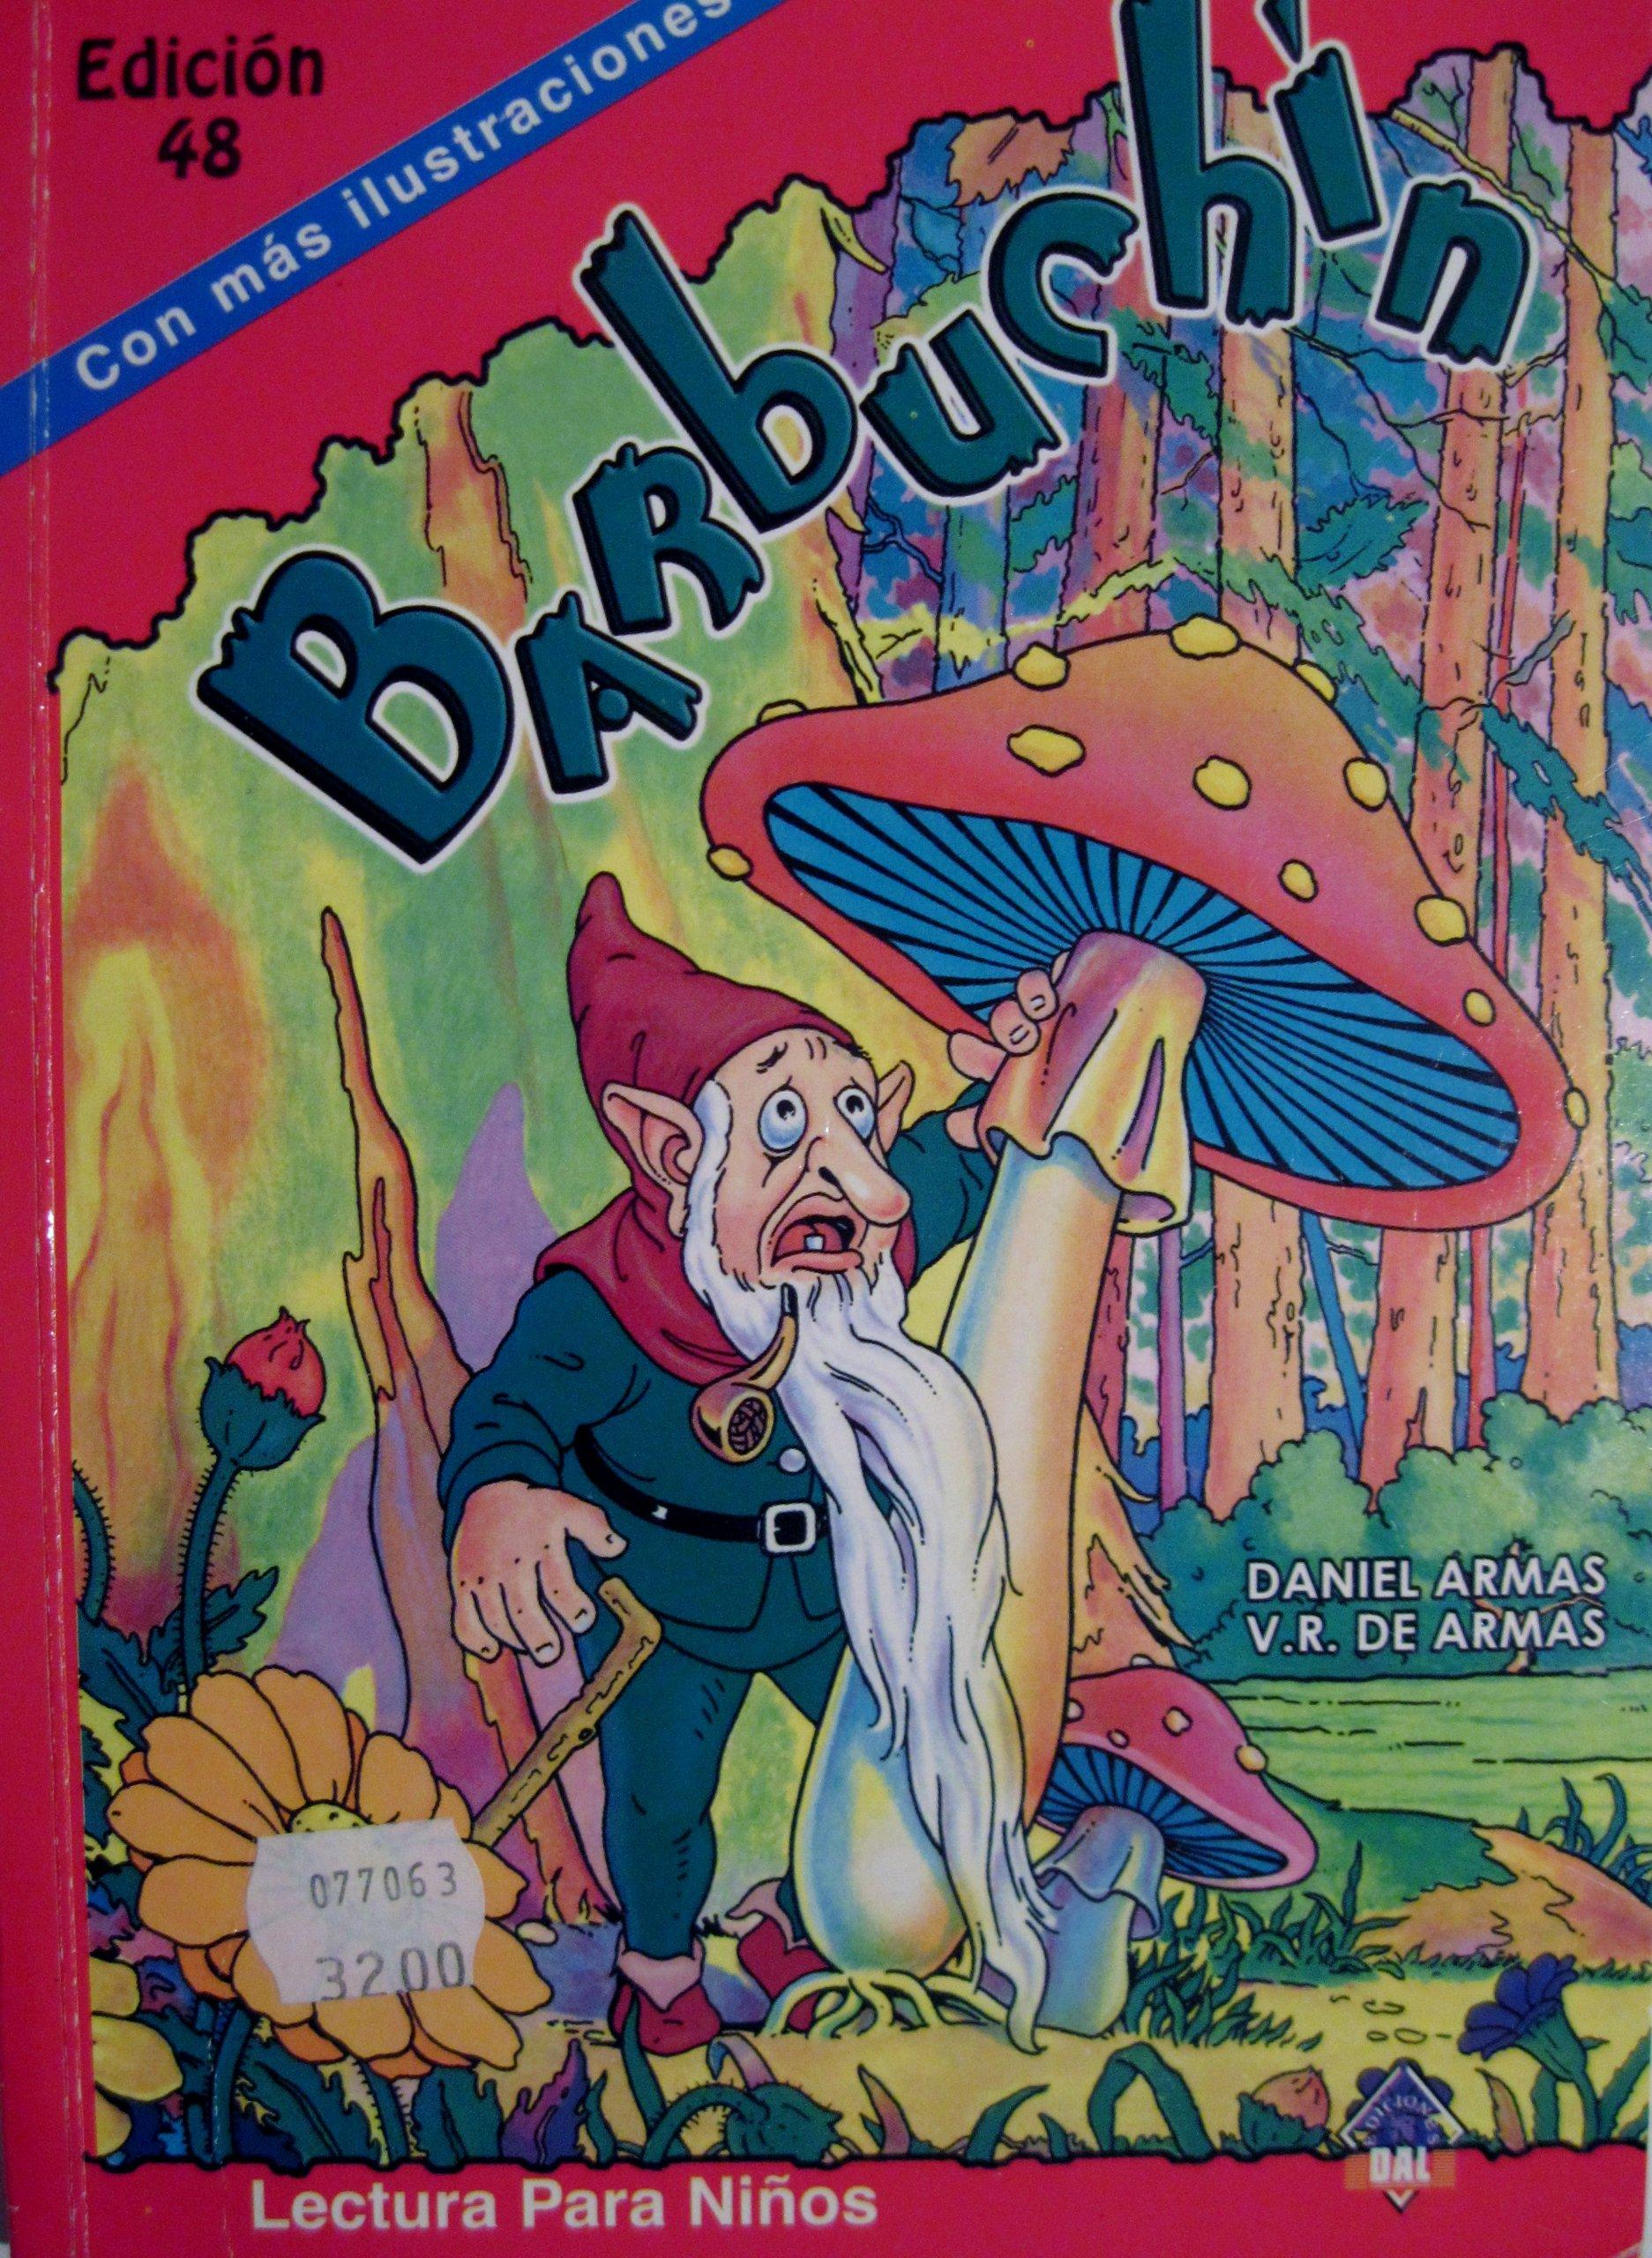 Barbuchín – Lectura Para ninos: Daniel Armas, V.R. de Armas: 9788483773116: Amazon.com: Books